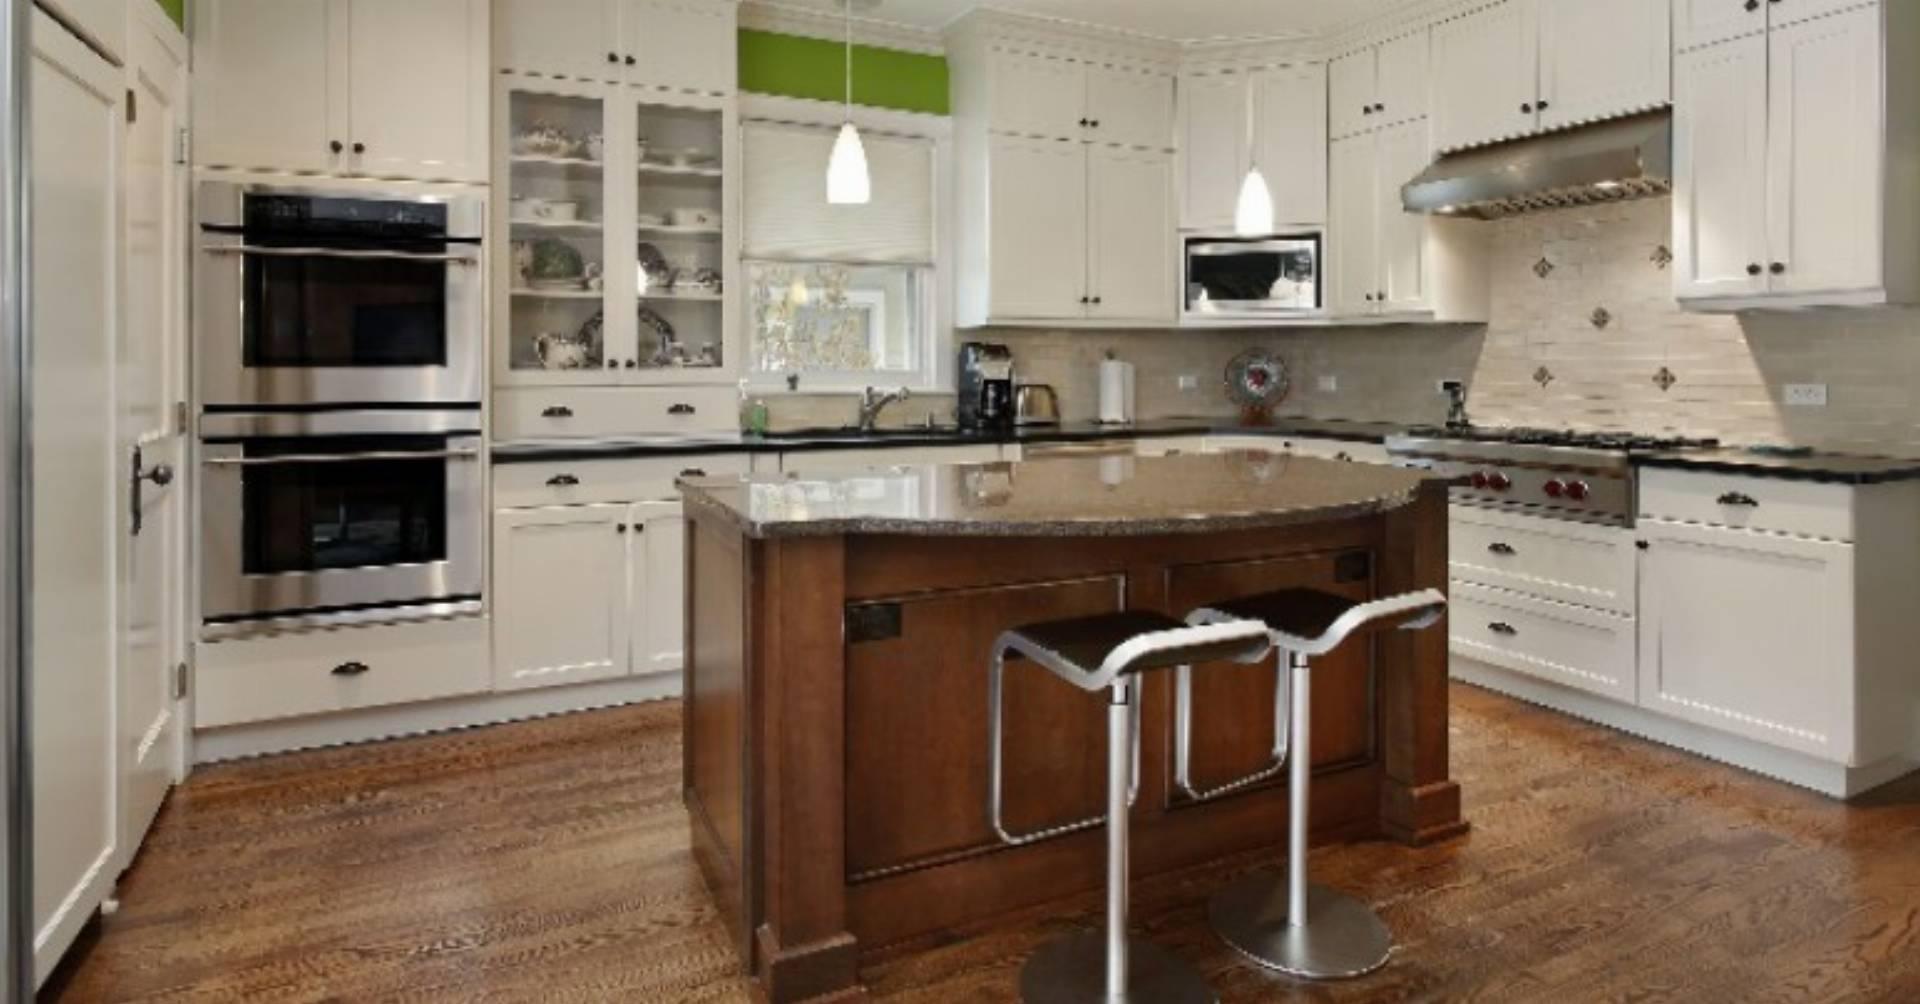 Jakie cechy powinny posiadać idealne meble kuchenne? Sprawdź, zanim kupisz!  -> Castorama Inspiracje Kuchnia